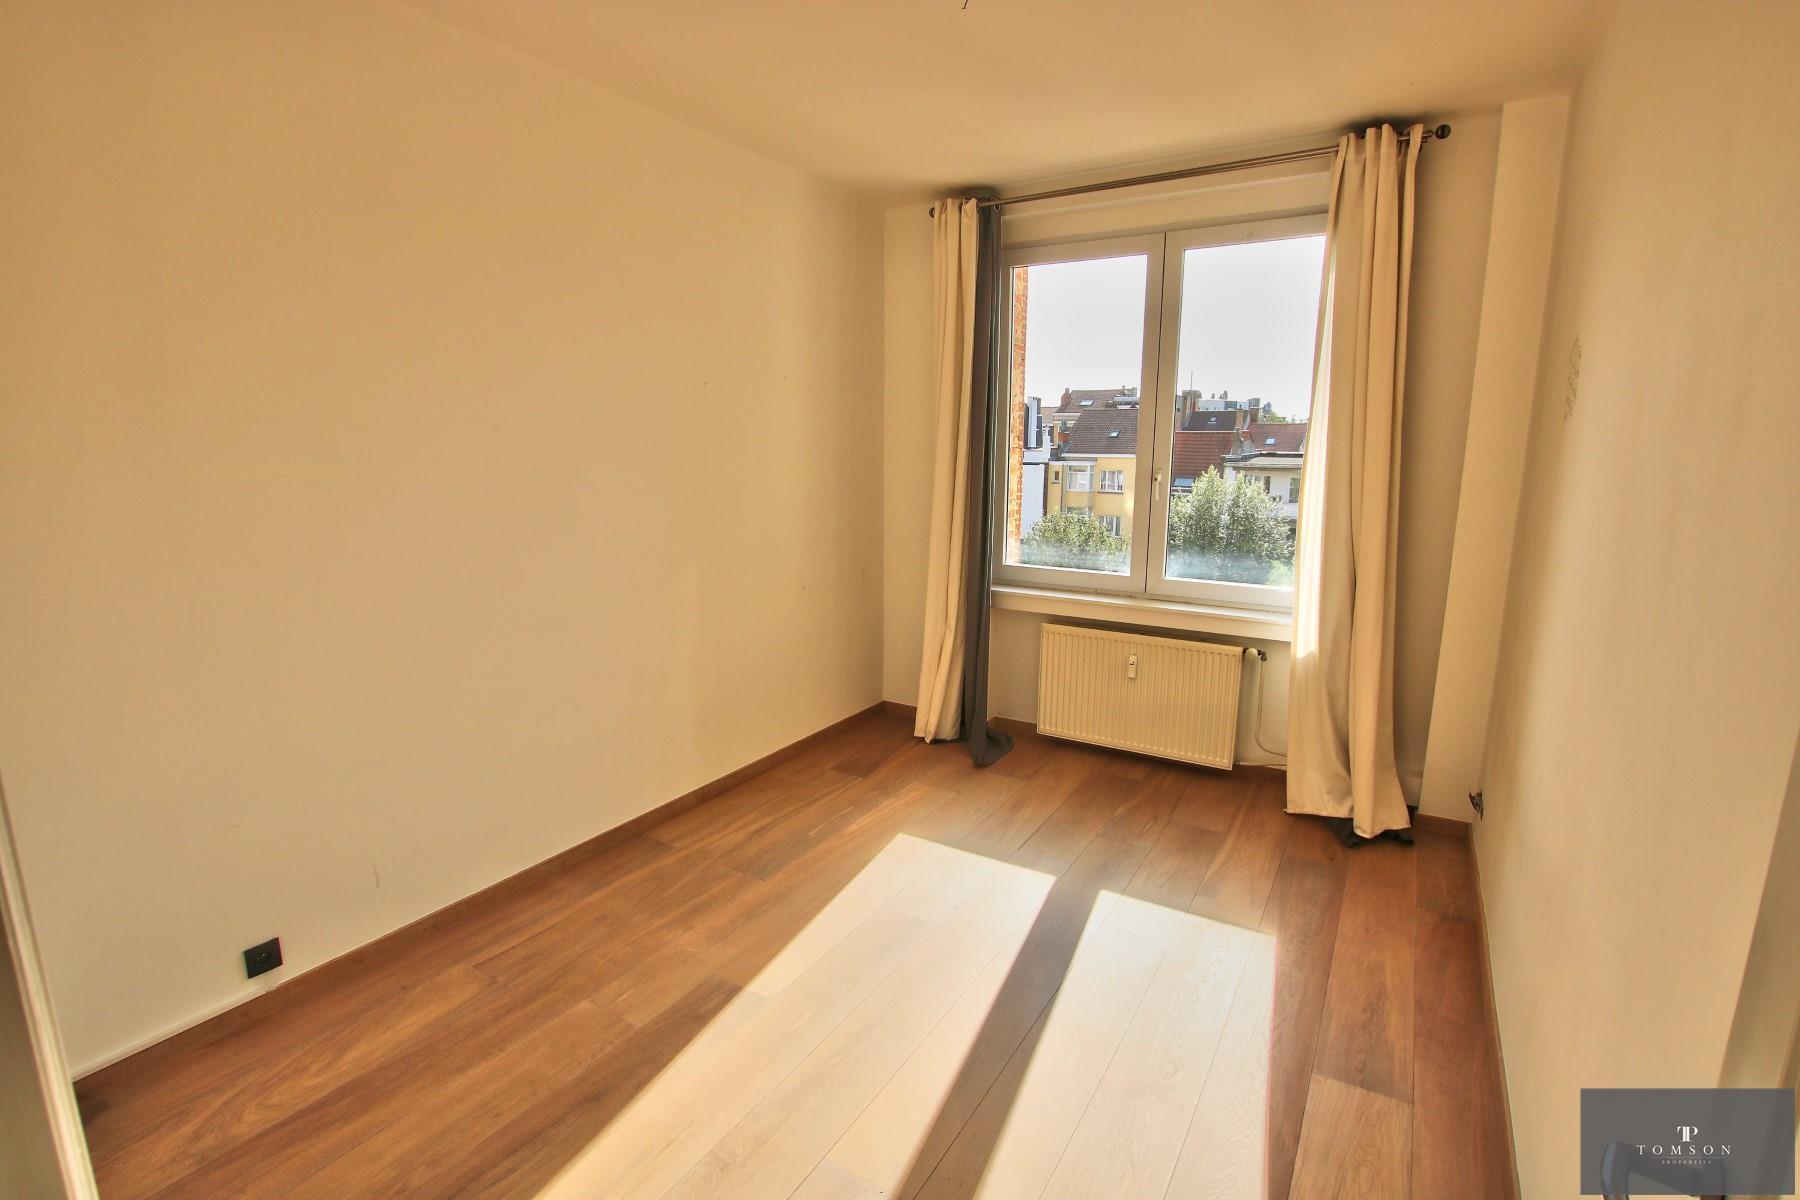 Appartement - Etterbeek - #4304367-9